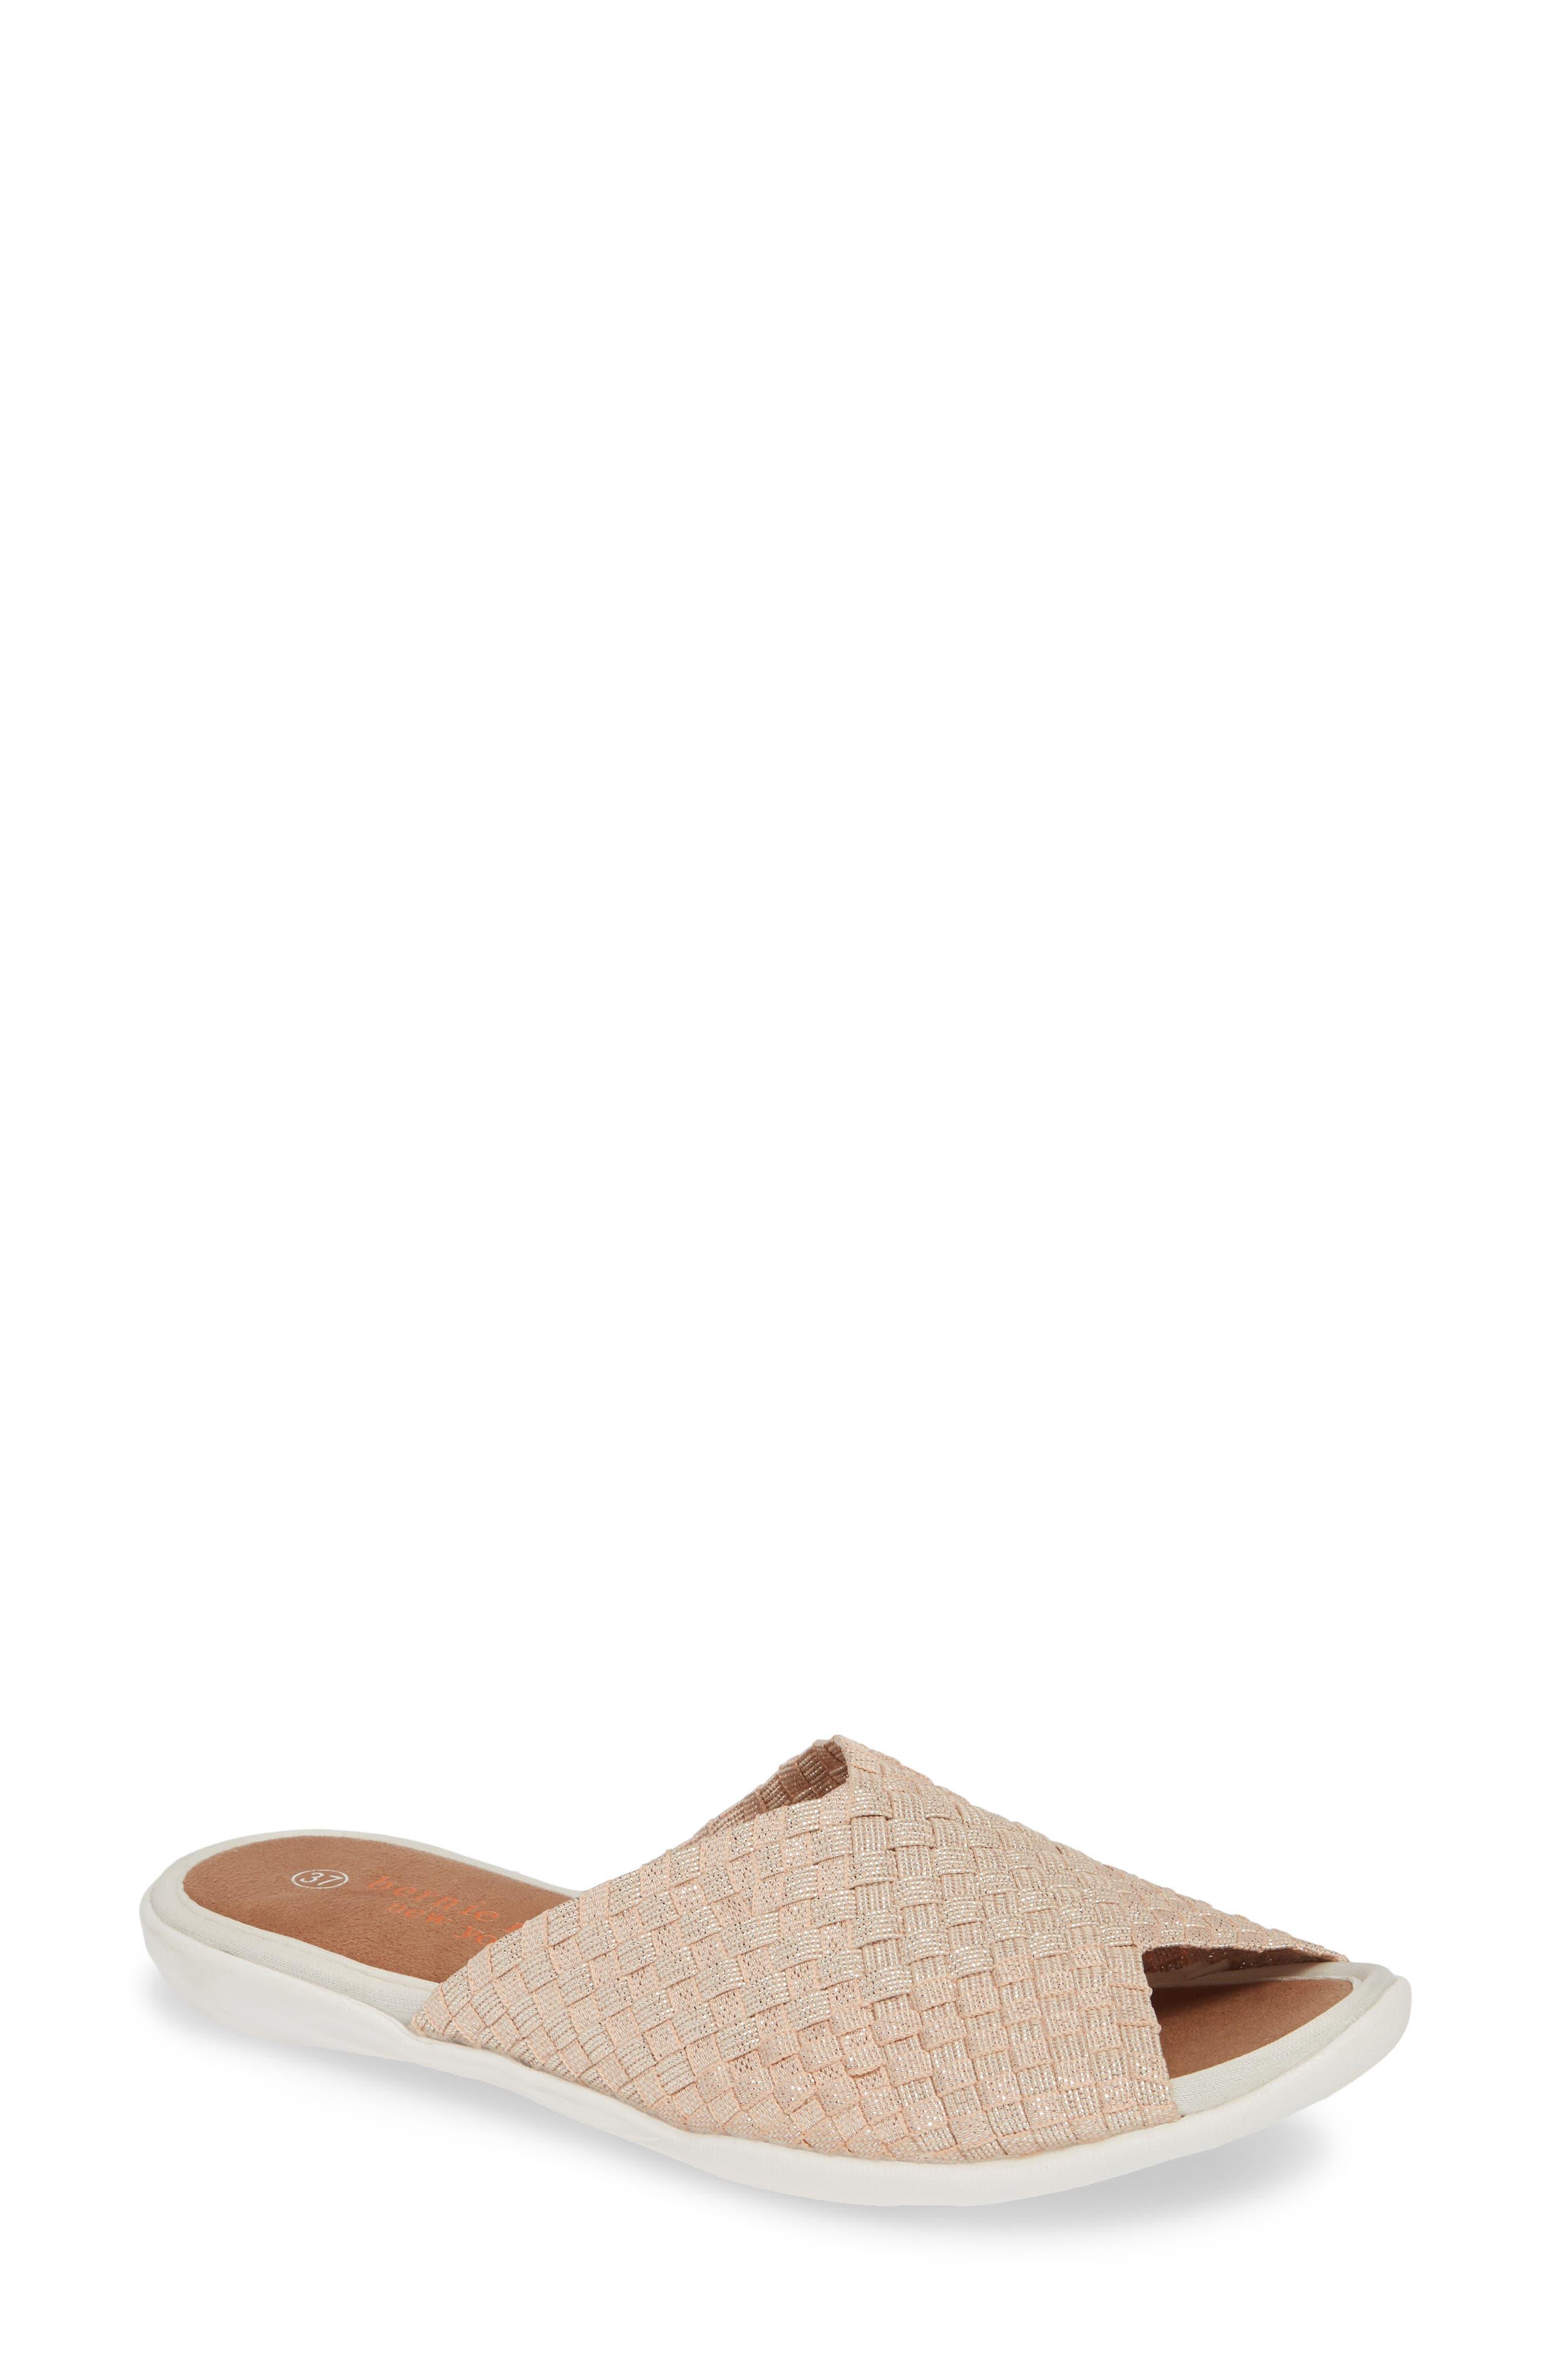 . Bonbon Slide Sandal